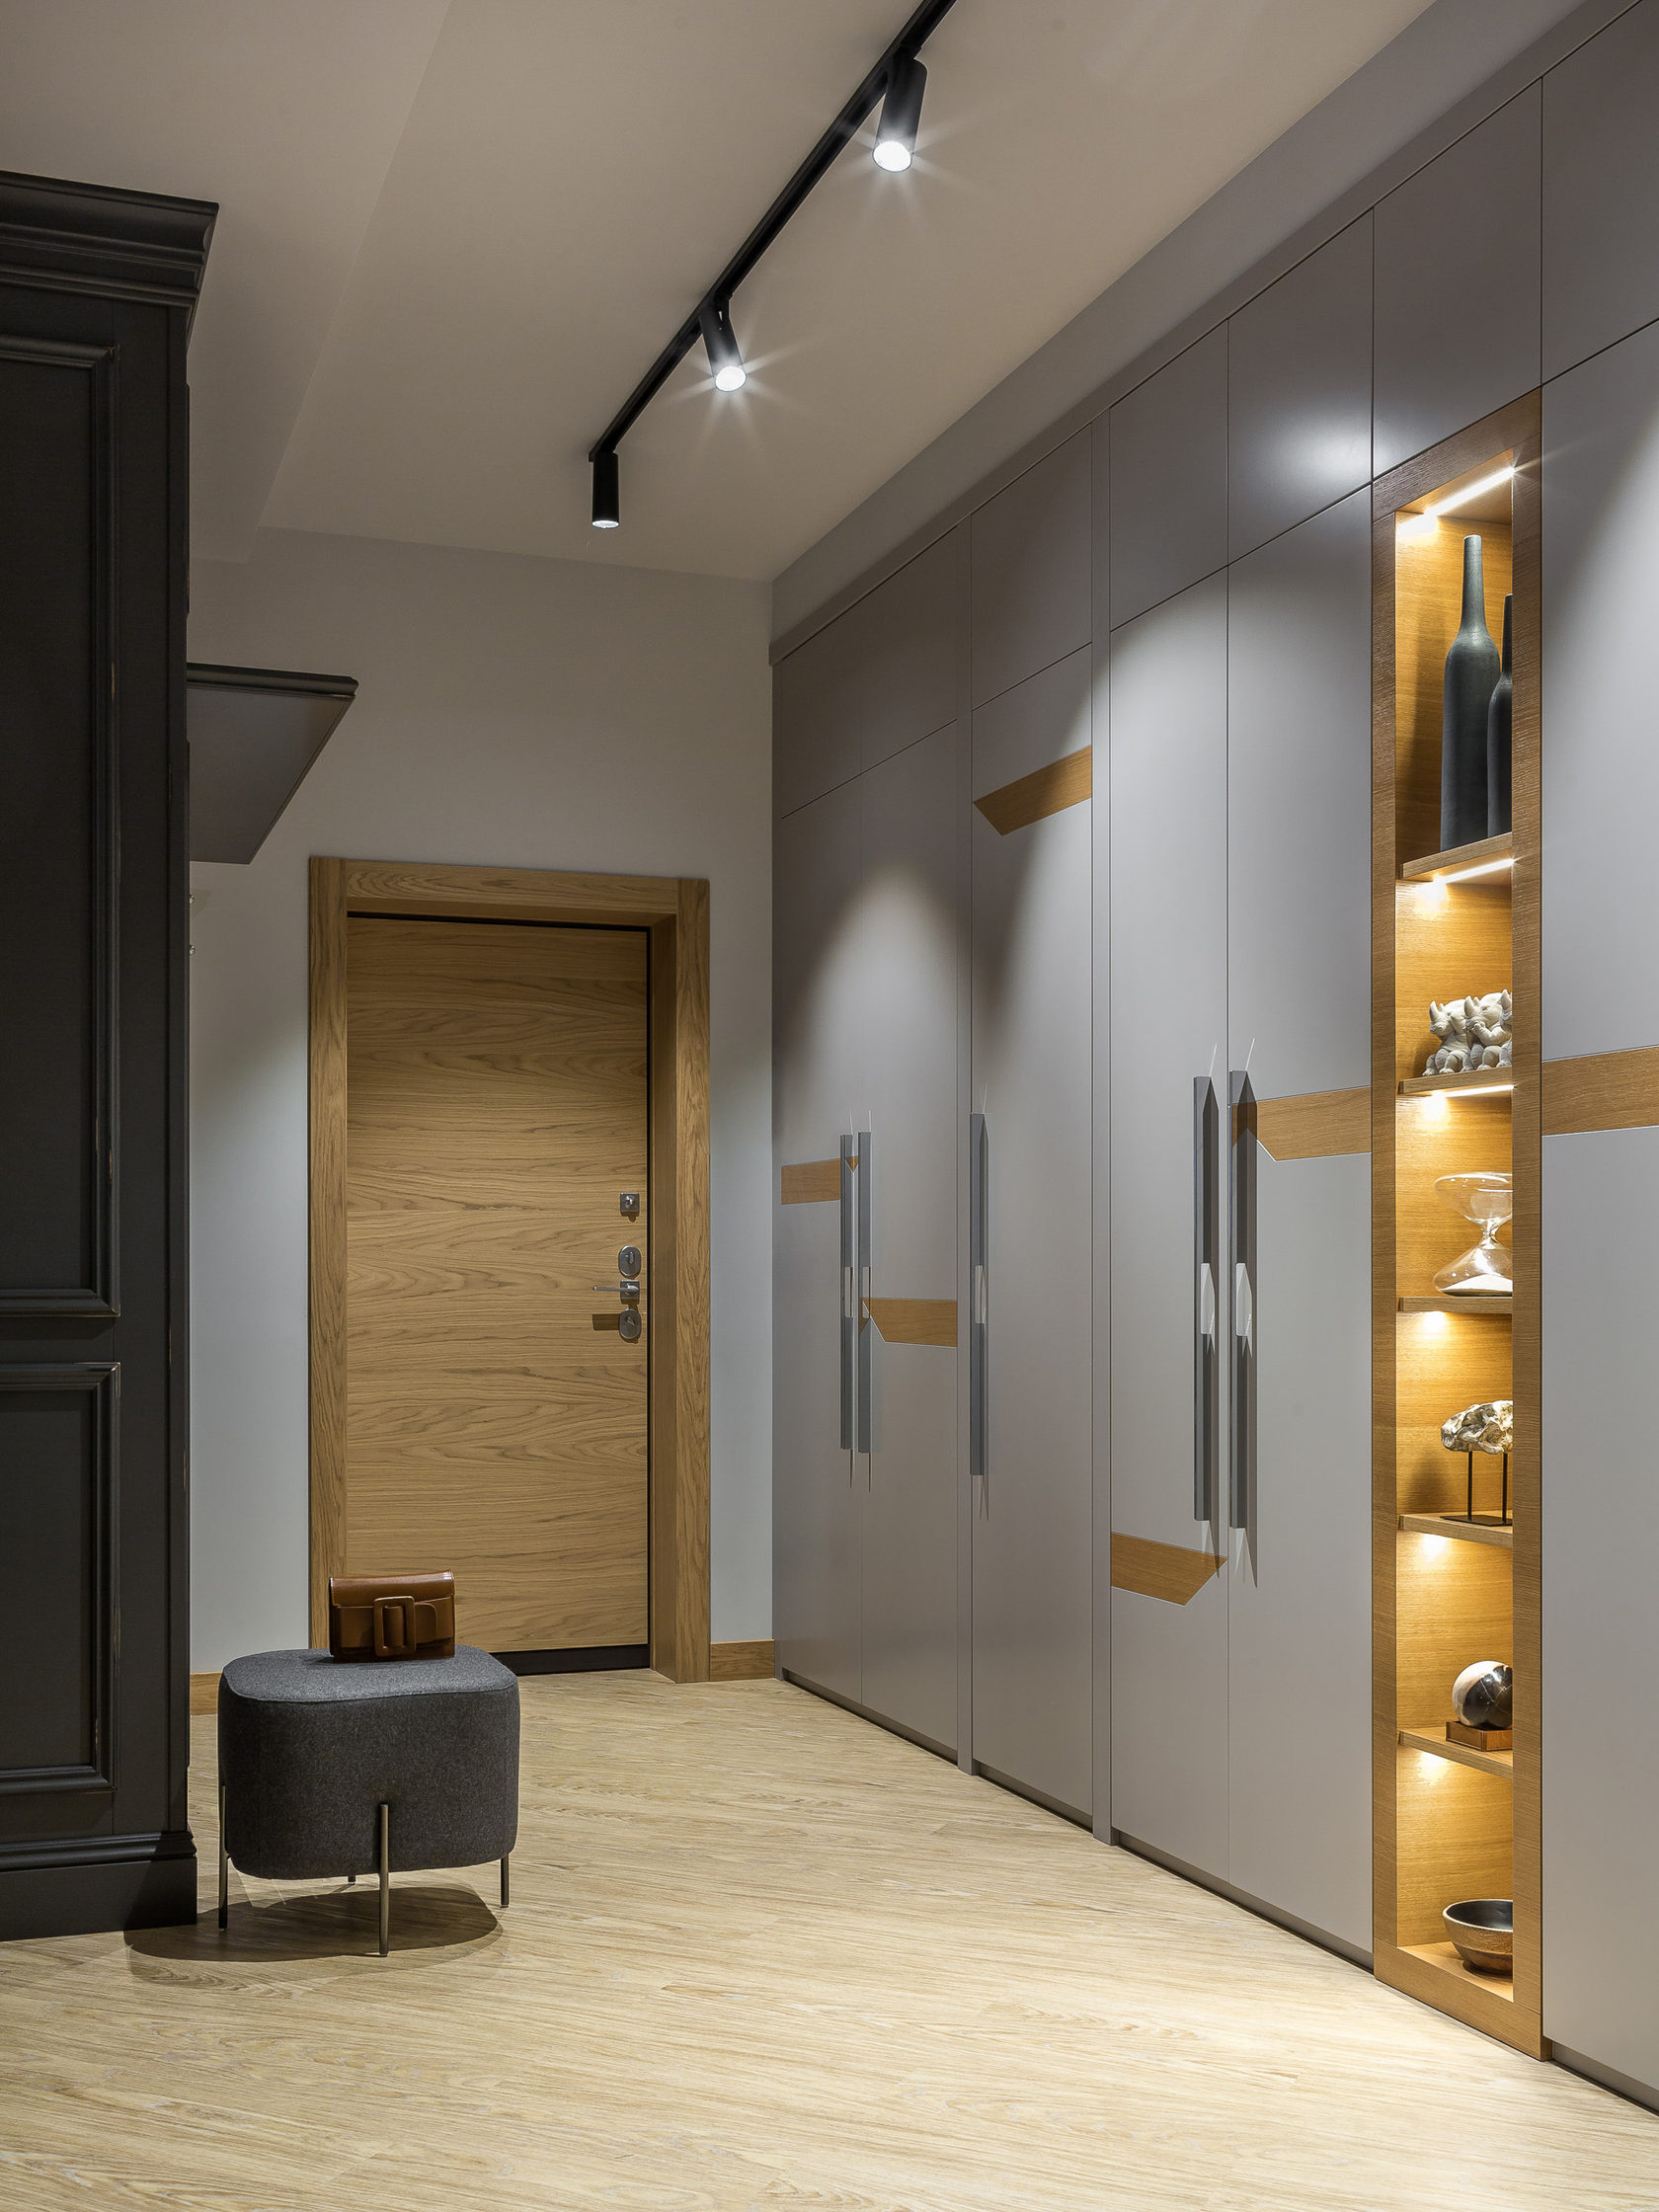 освещение коридора с антресолями фото кислота